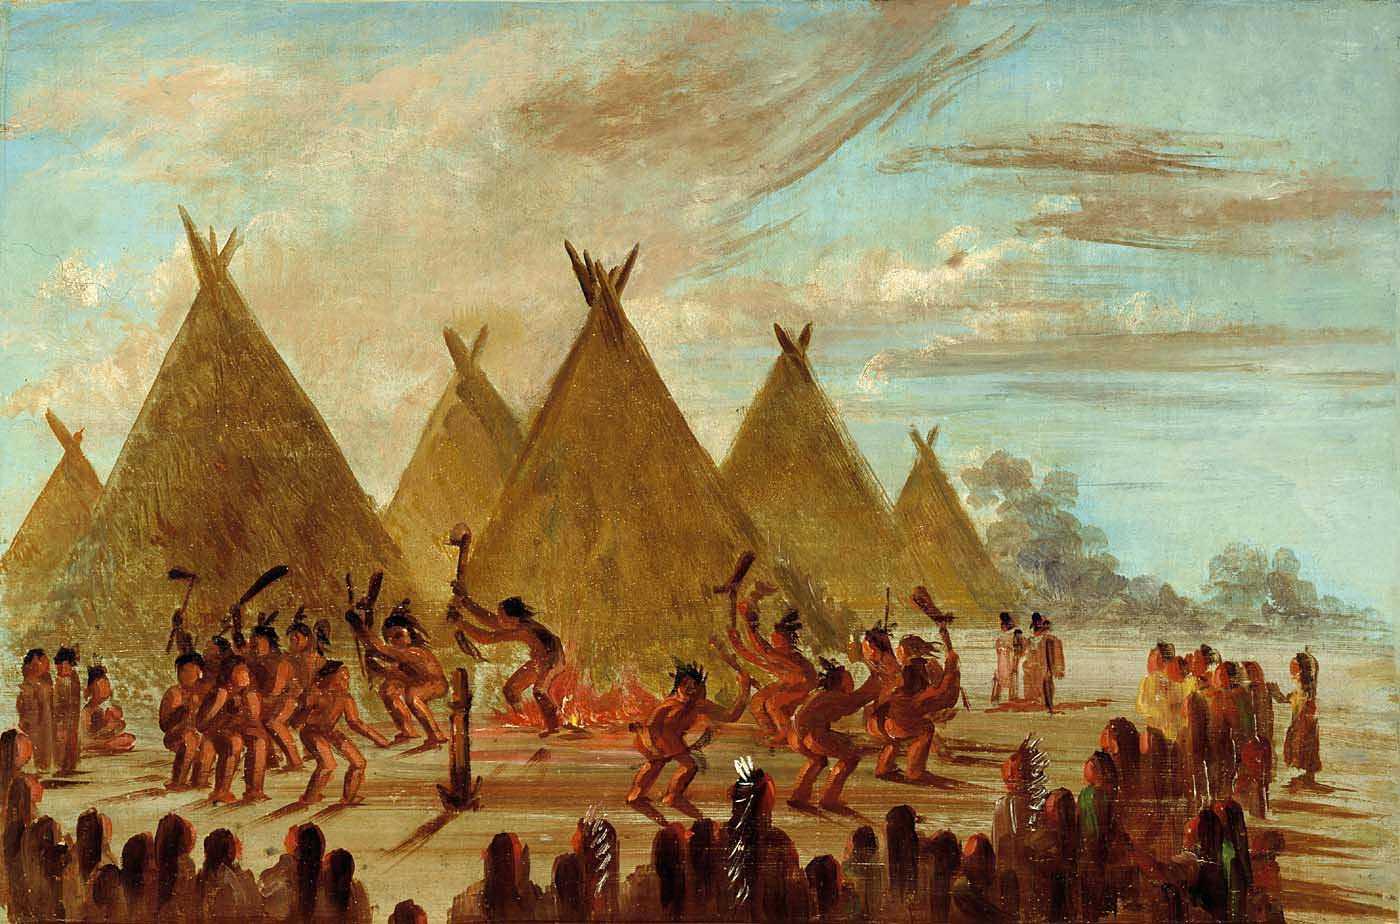 A Sioux War Dance